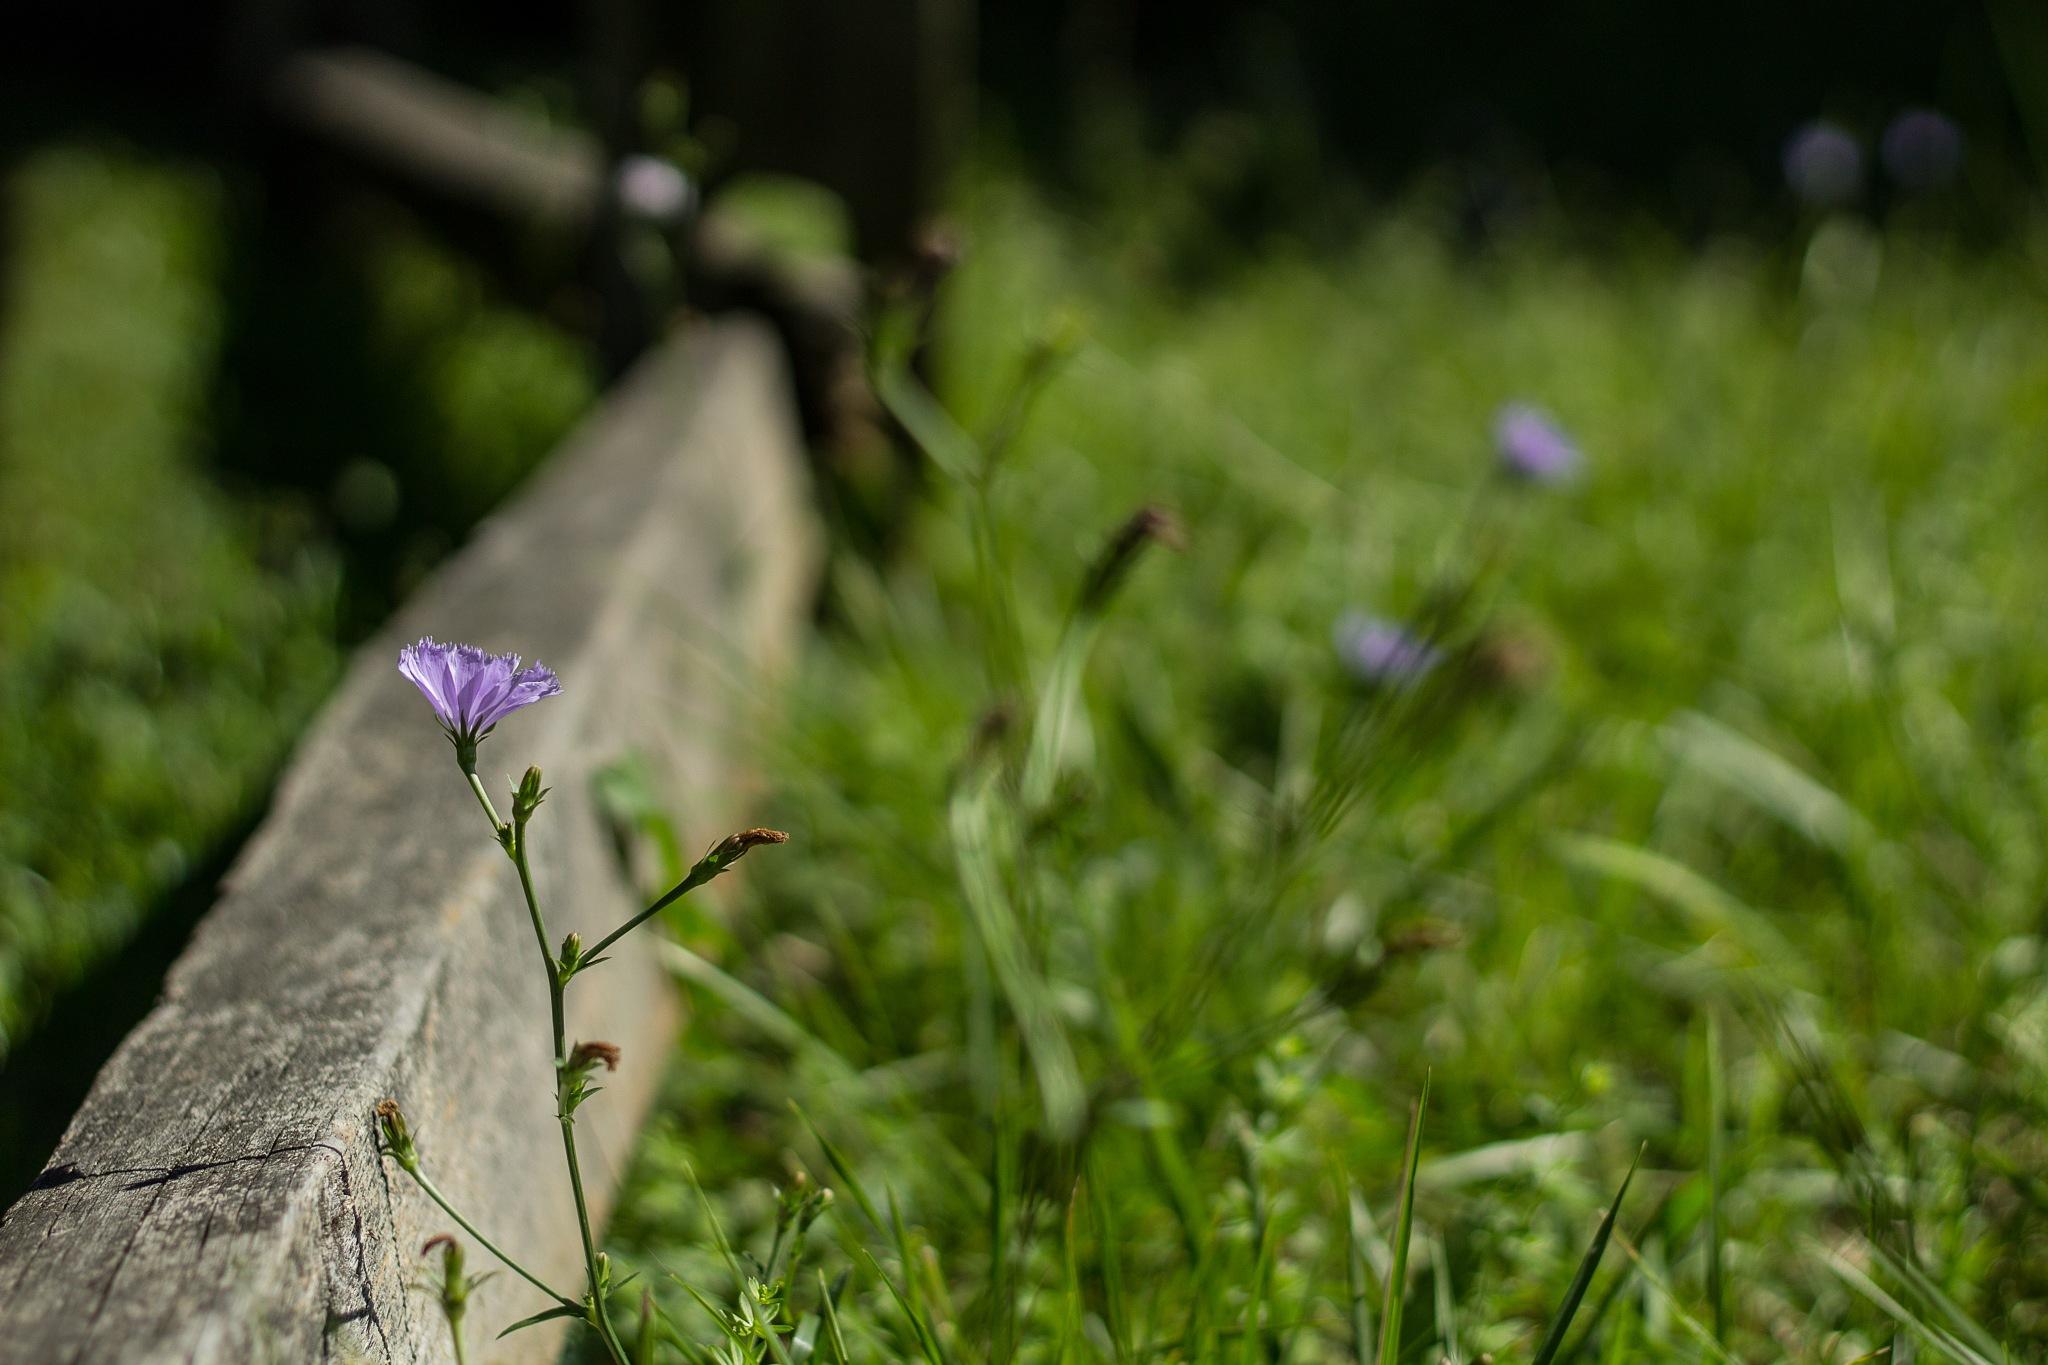 Wildflower in a Field by Monique DeLay Gartner